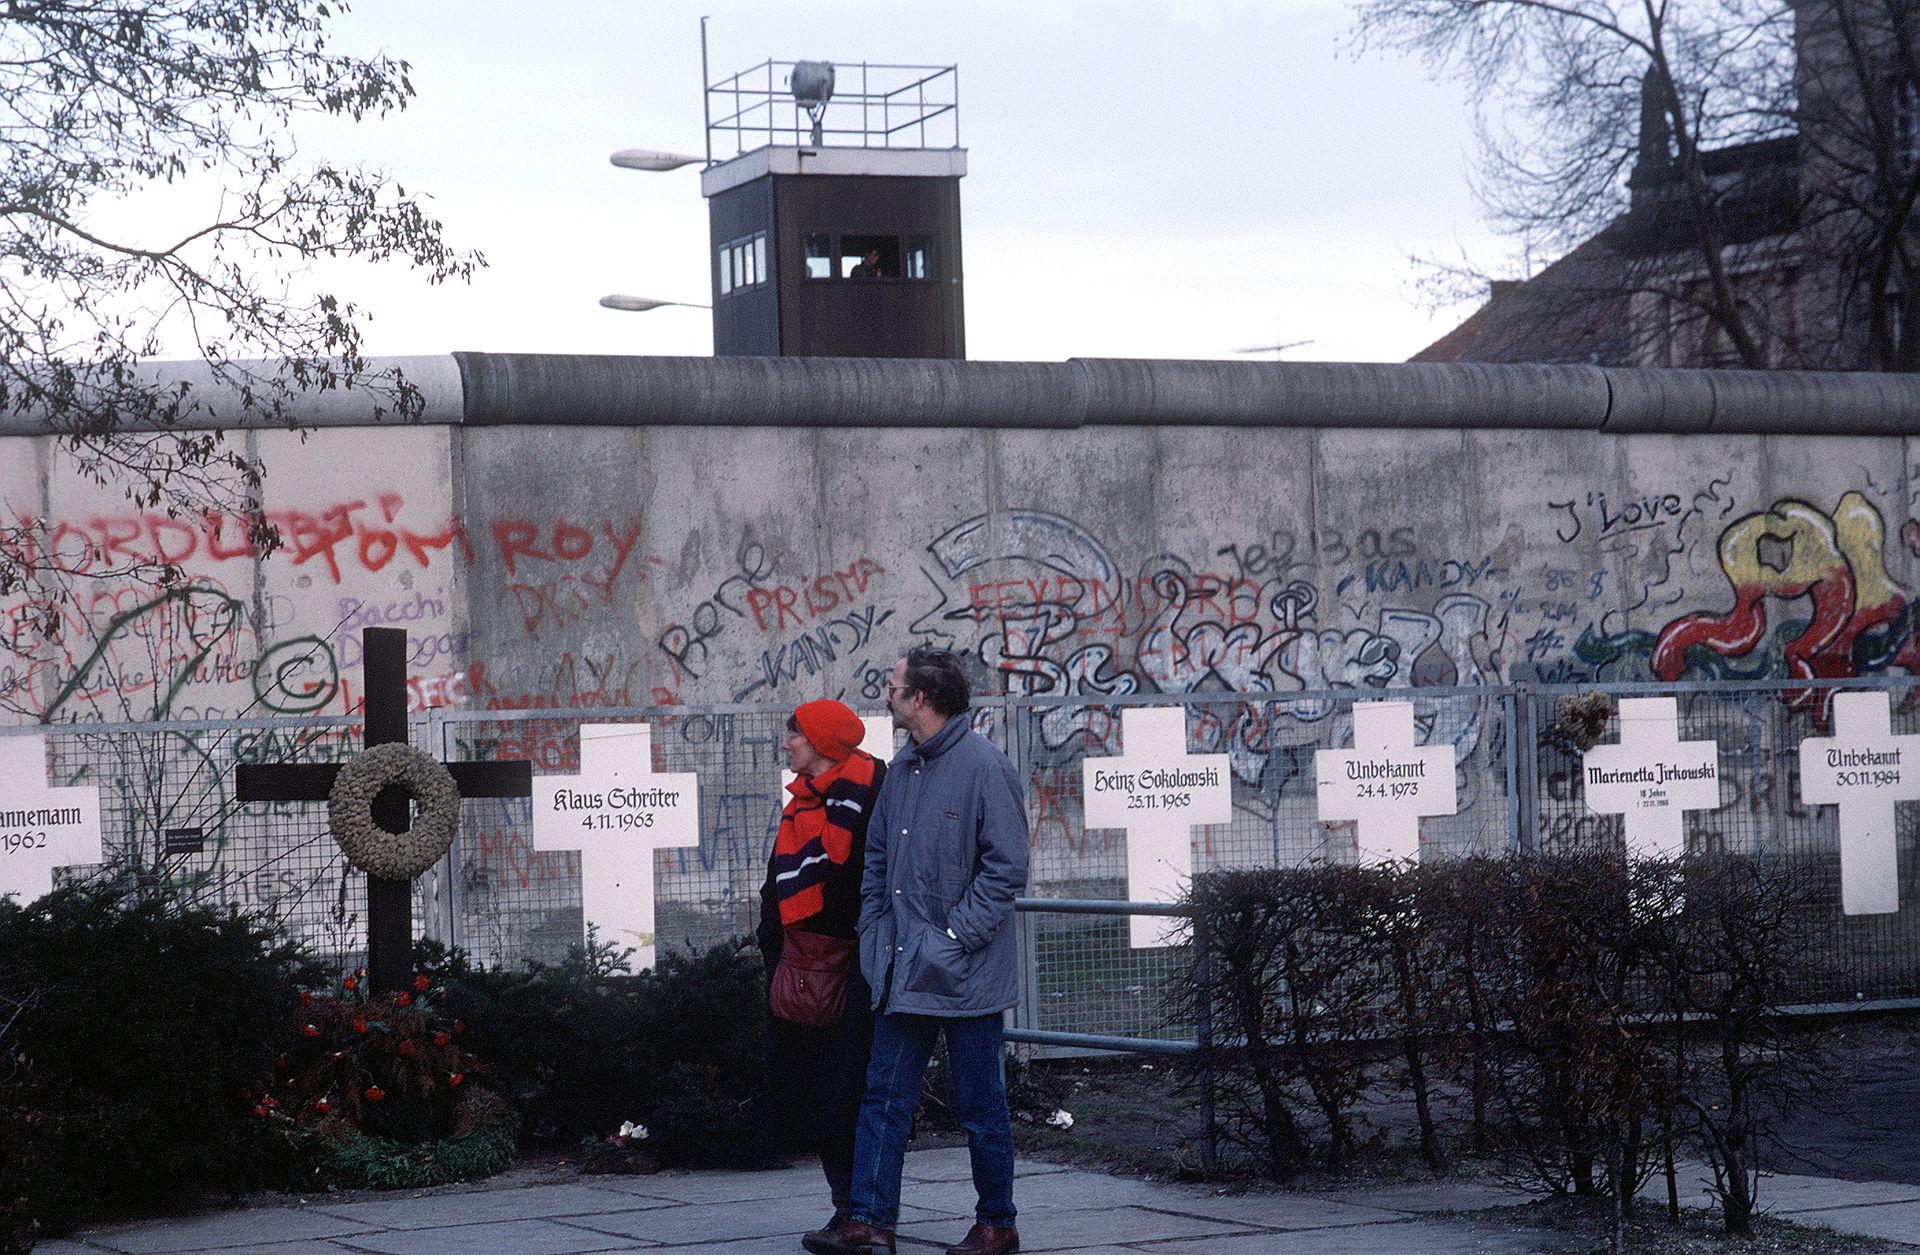 Bild Gedenkort Weiße Kreuze Berlin